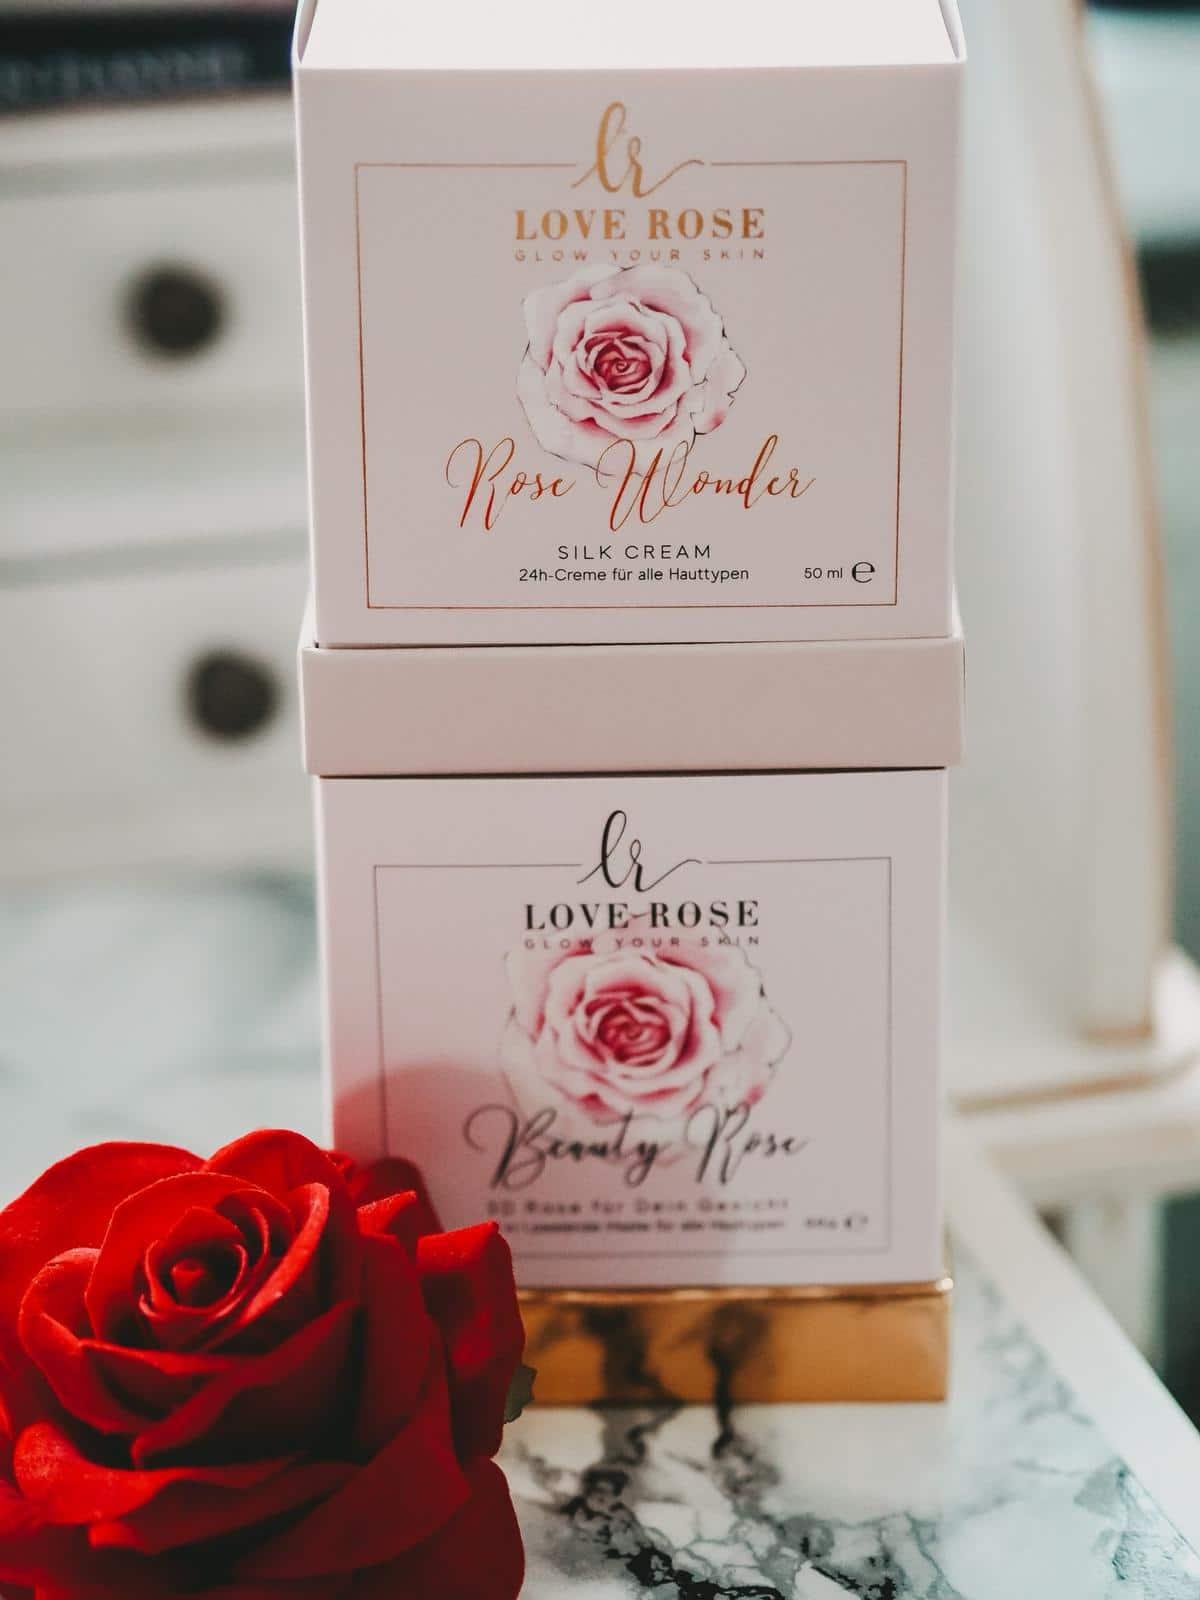 Die Beauty Rose und Rose Wonder Silk Cream von Love Rose Cosmetics.